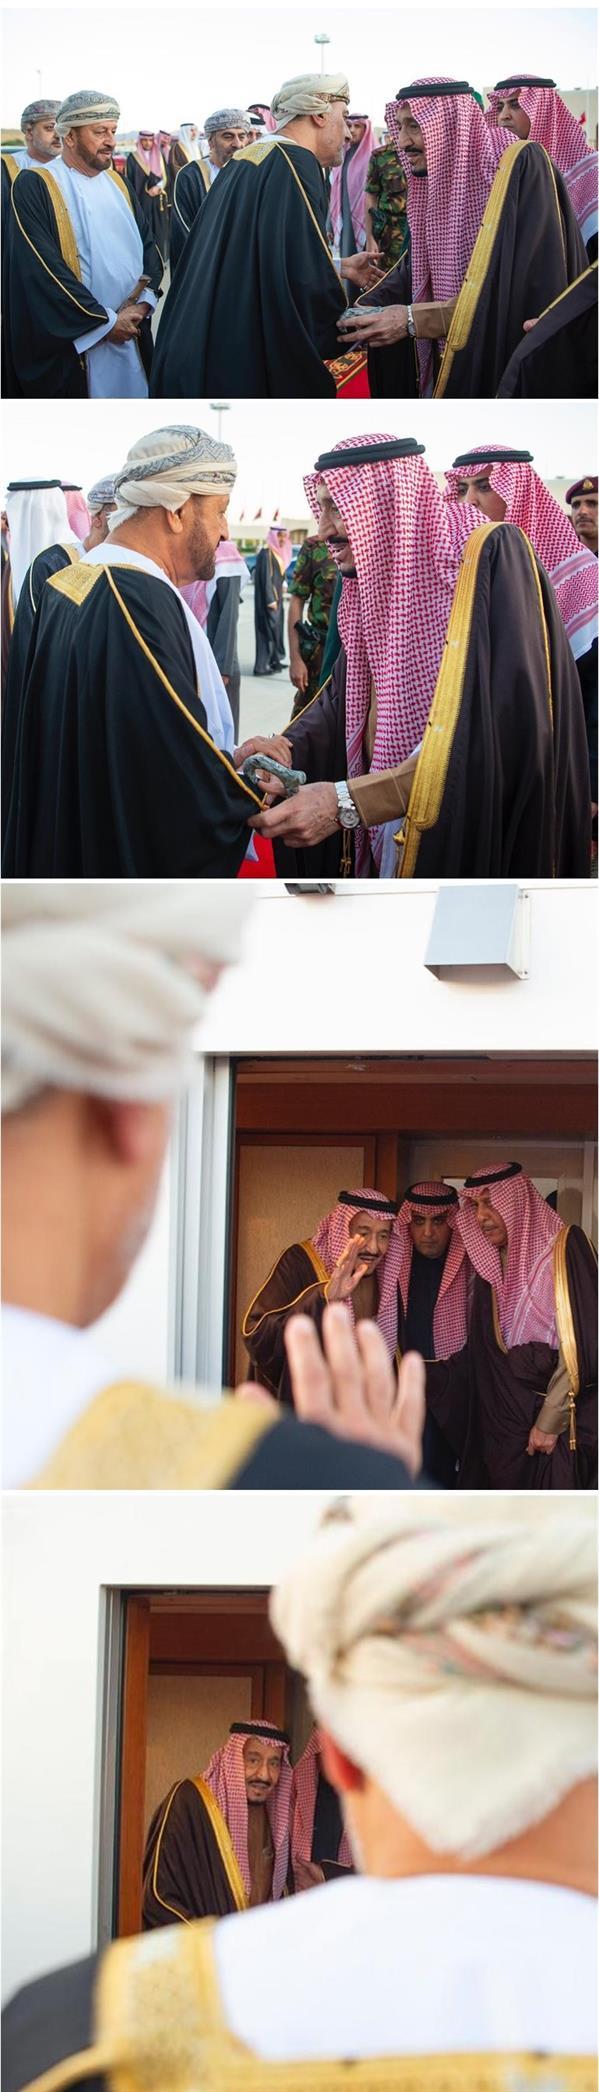 خادم الحرمين يغادر عُمان بعد تقديم التعازي في وفاة السلطان قابوس